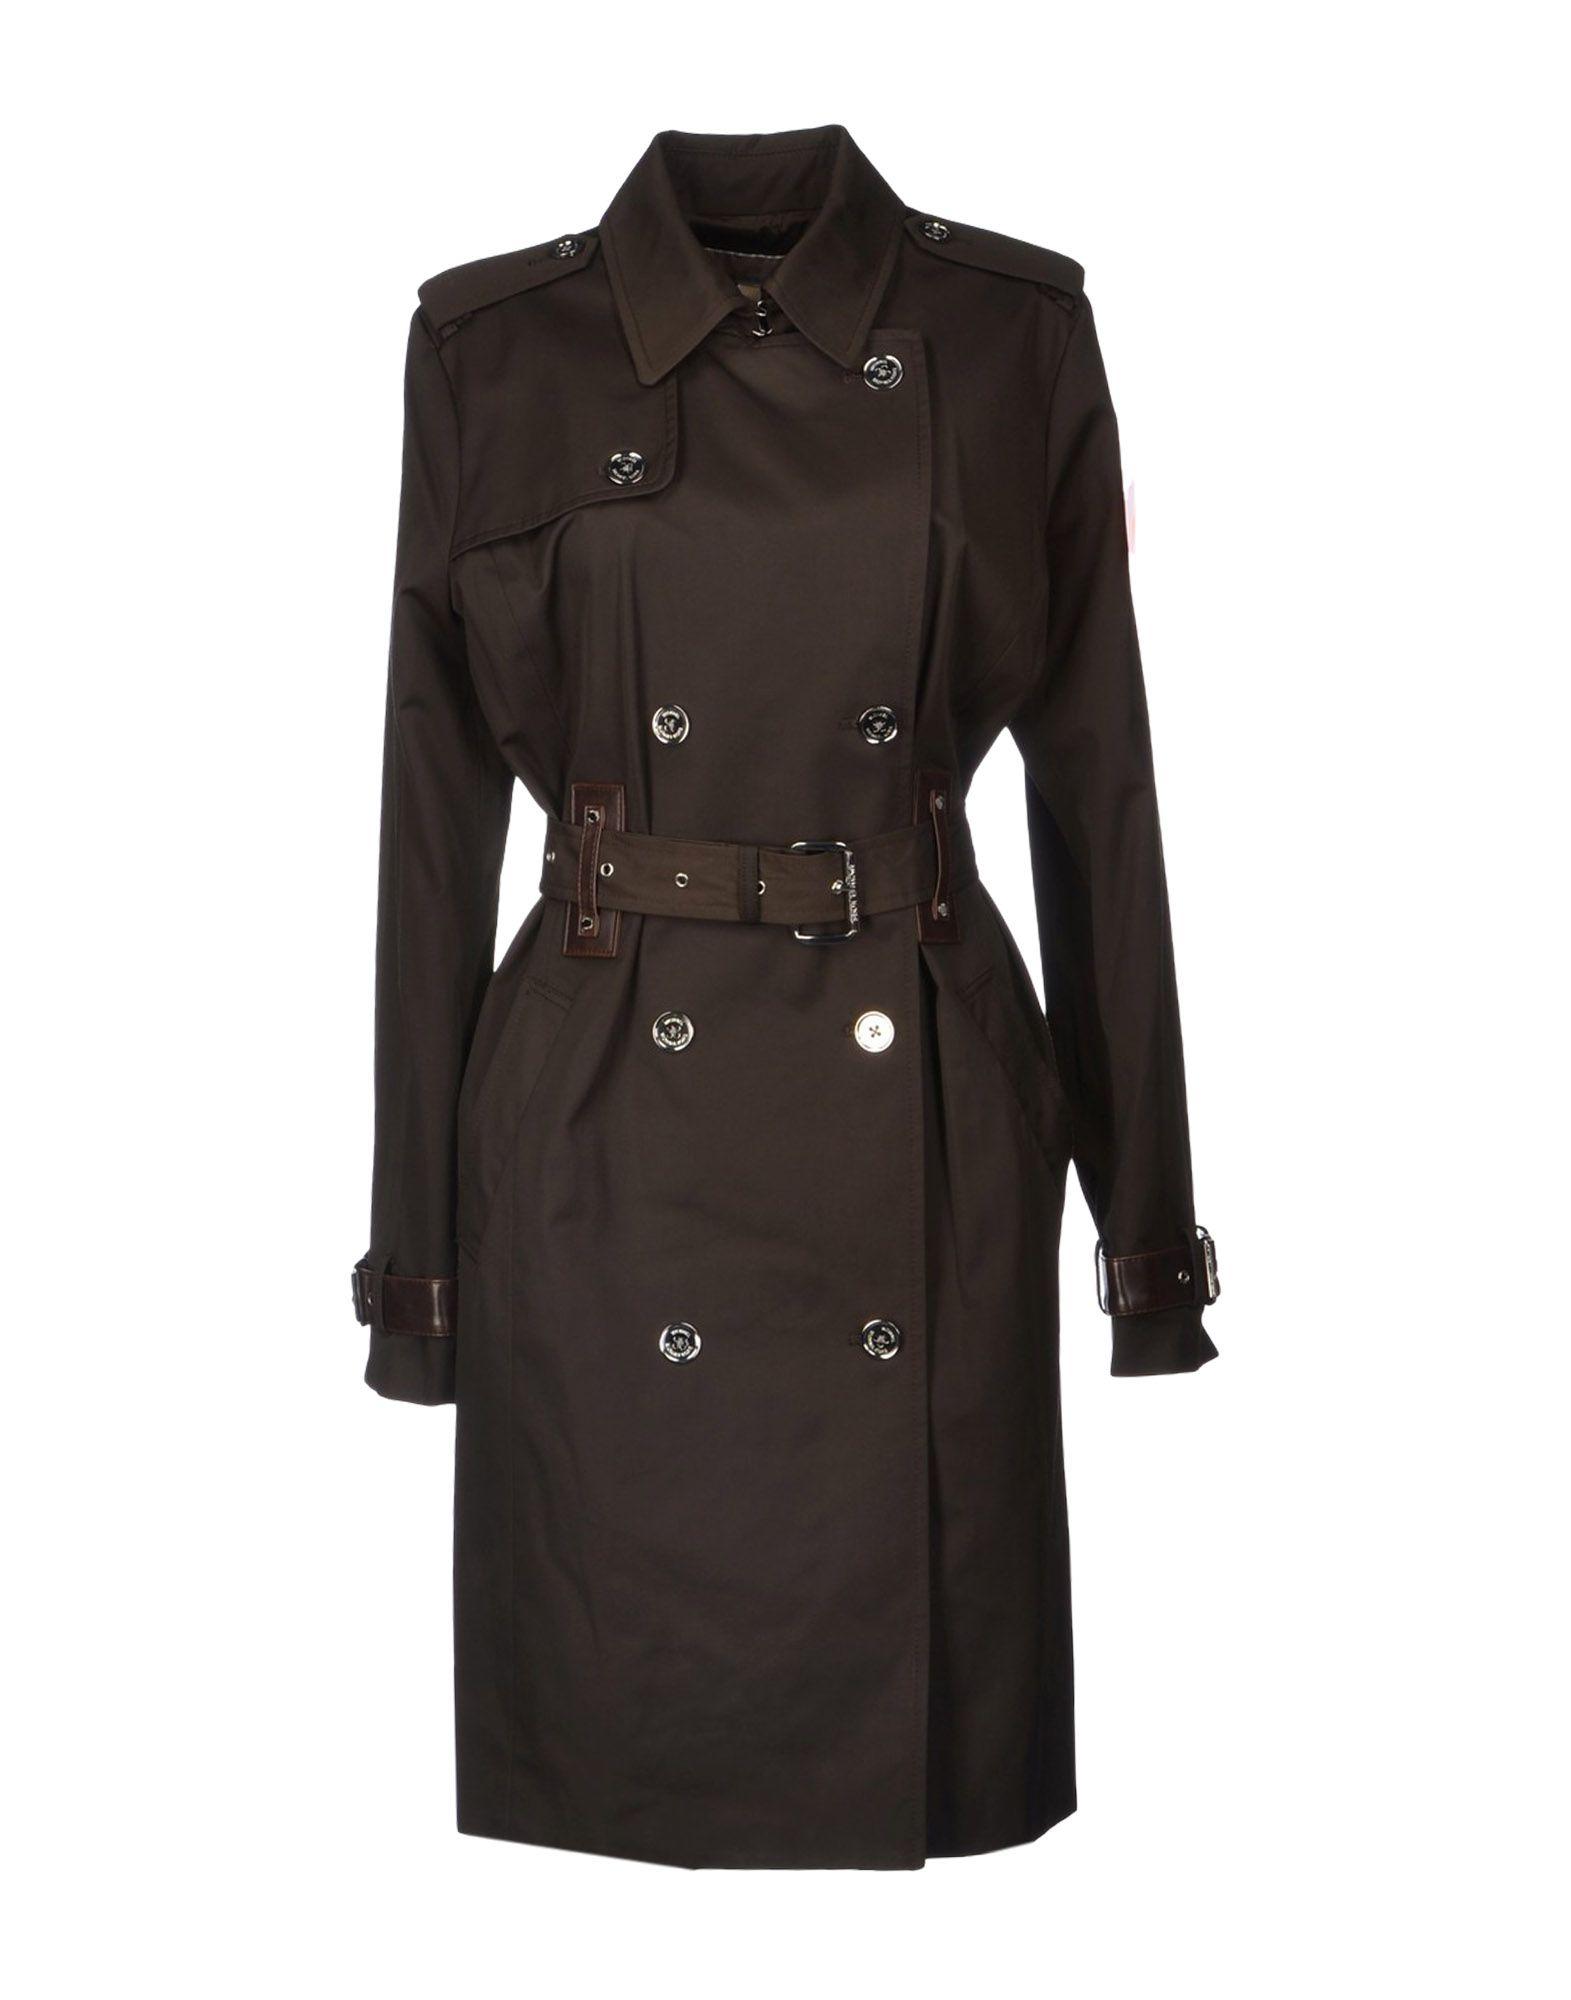 michael michael kors fulllength jacket in brown dark brown lyst. Black Bedroom Furniture Sets. Home Design Ideas